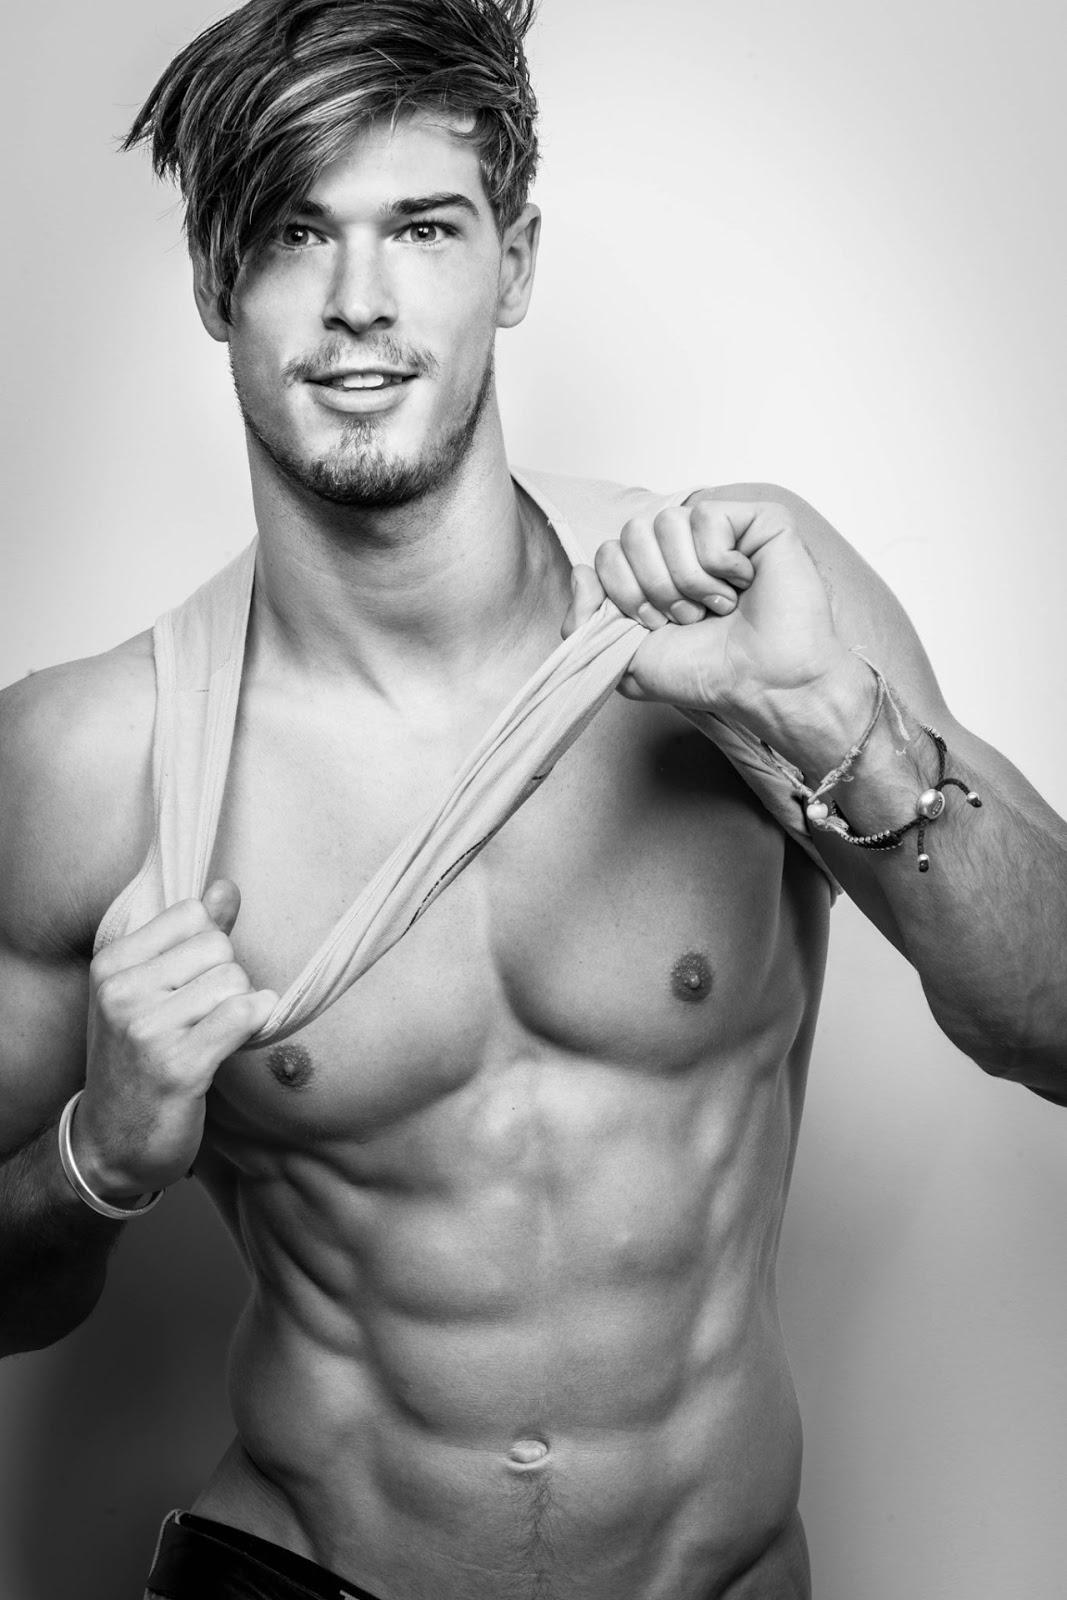 Hot Guys Model